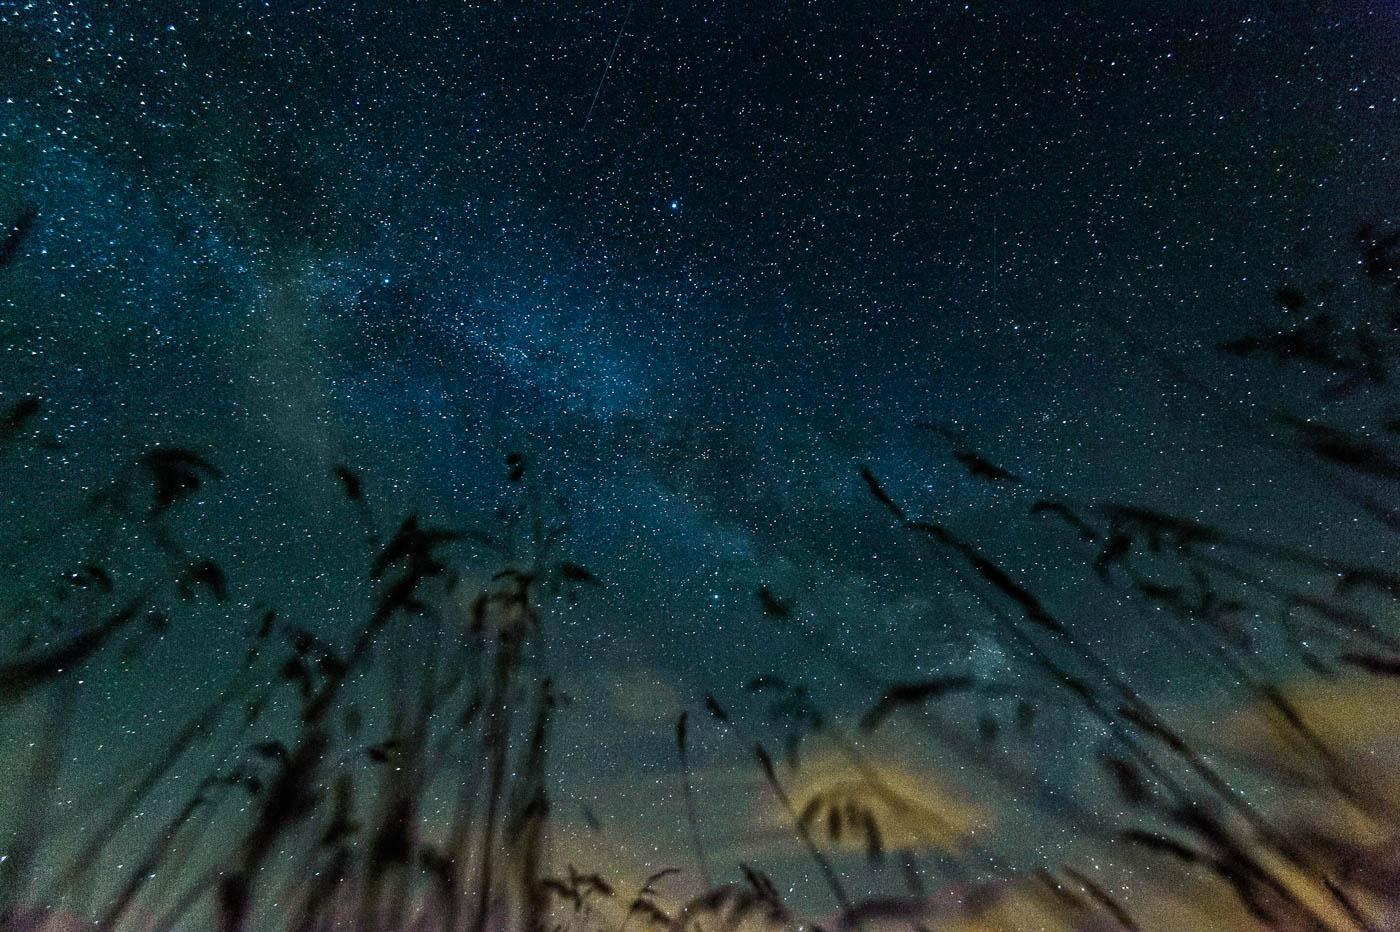 Balmazújváros, 2015. július 13. A Tejút fényes sávja látható a Hortobágy feletti égbolton Balmazújváros térségéből fotózva 2015. július 12-én este. MTI Fotó: Czeglédi Zsolt